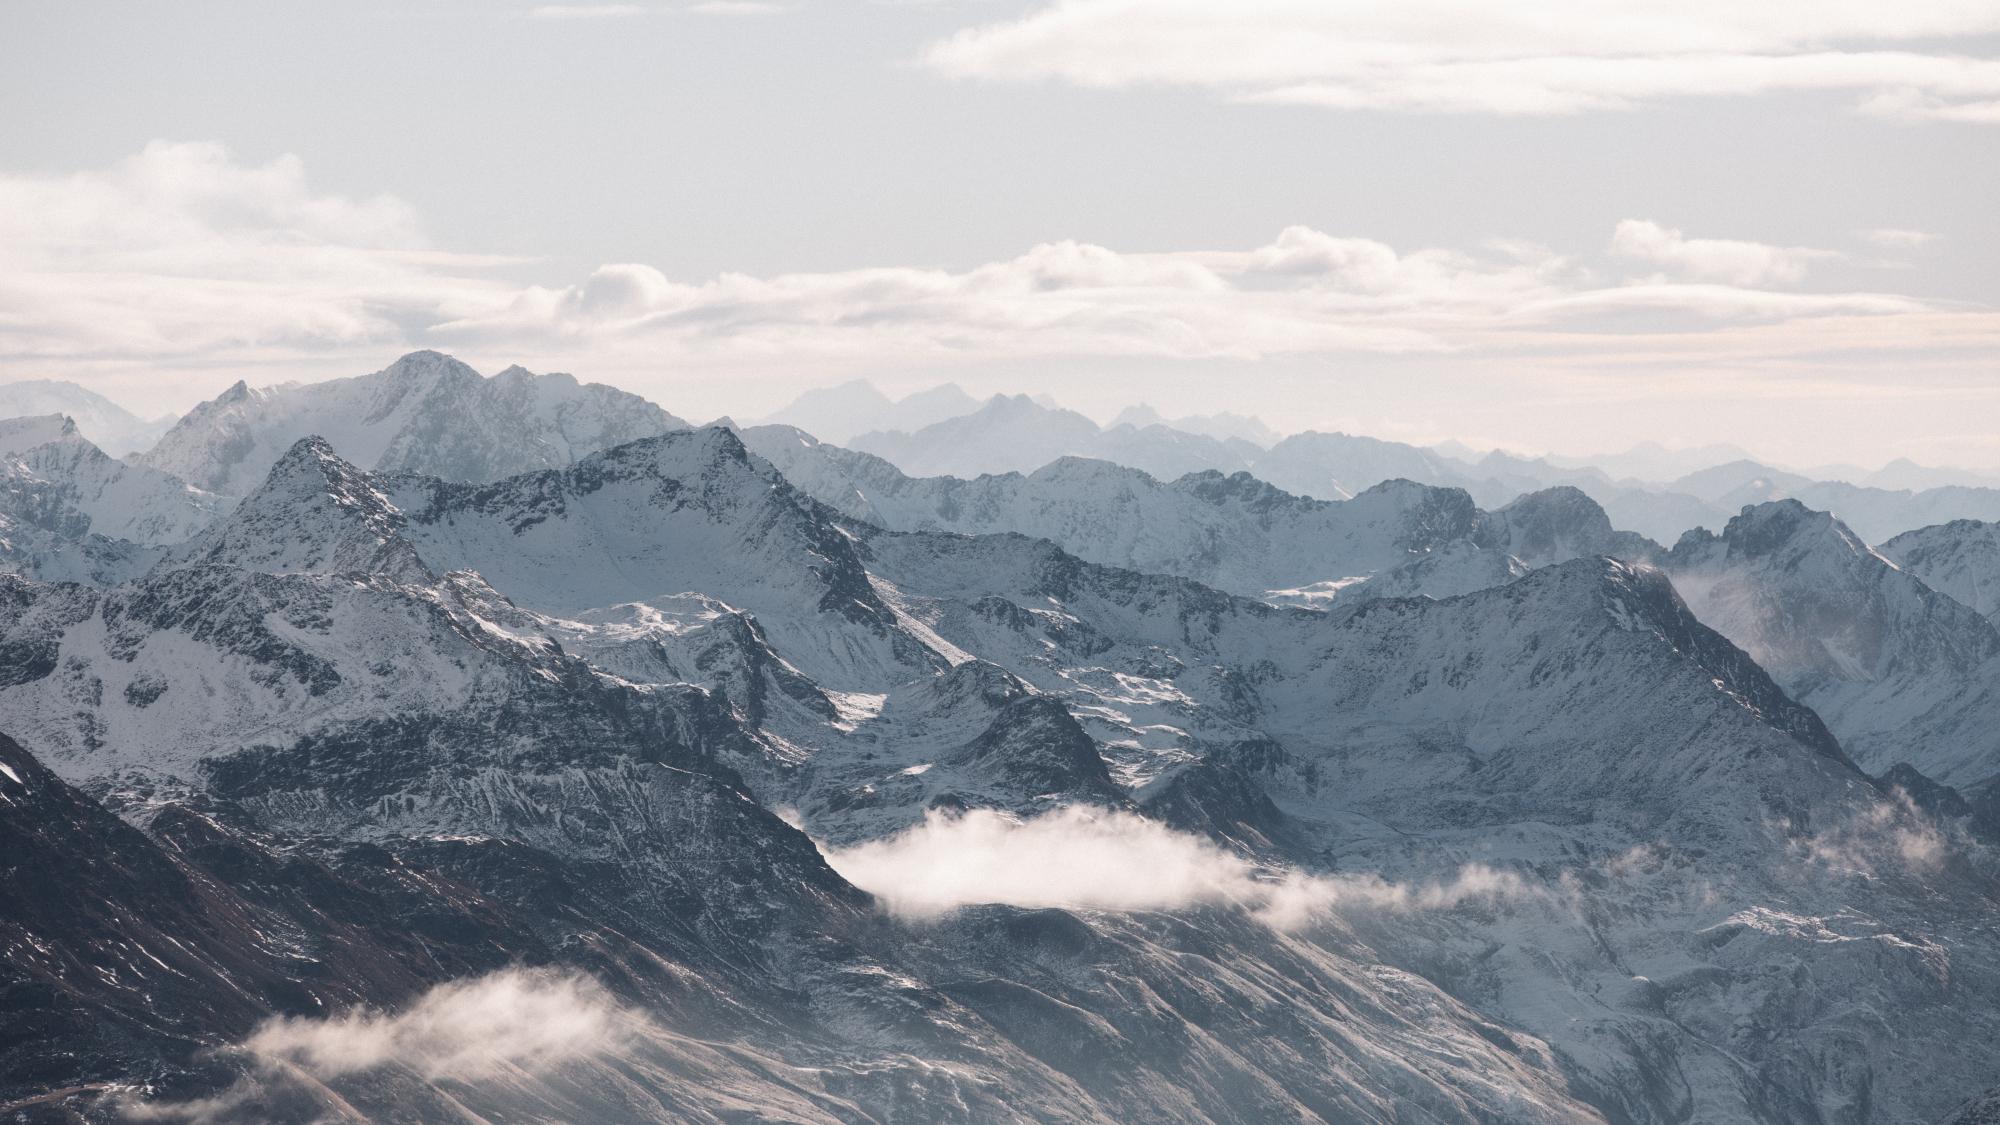 Spektakuläre Bergwelt beim Ausblick von der Bergstation Schwarze Schneid